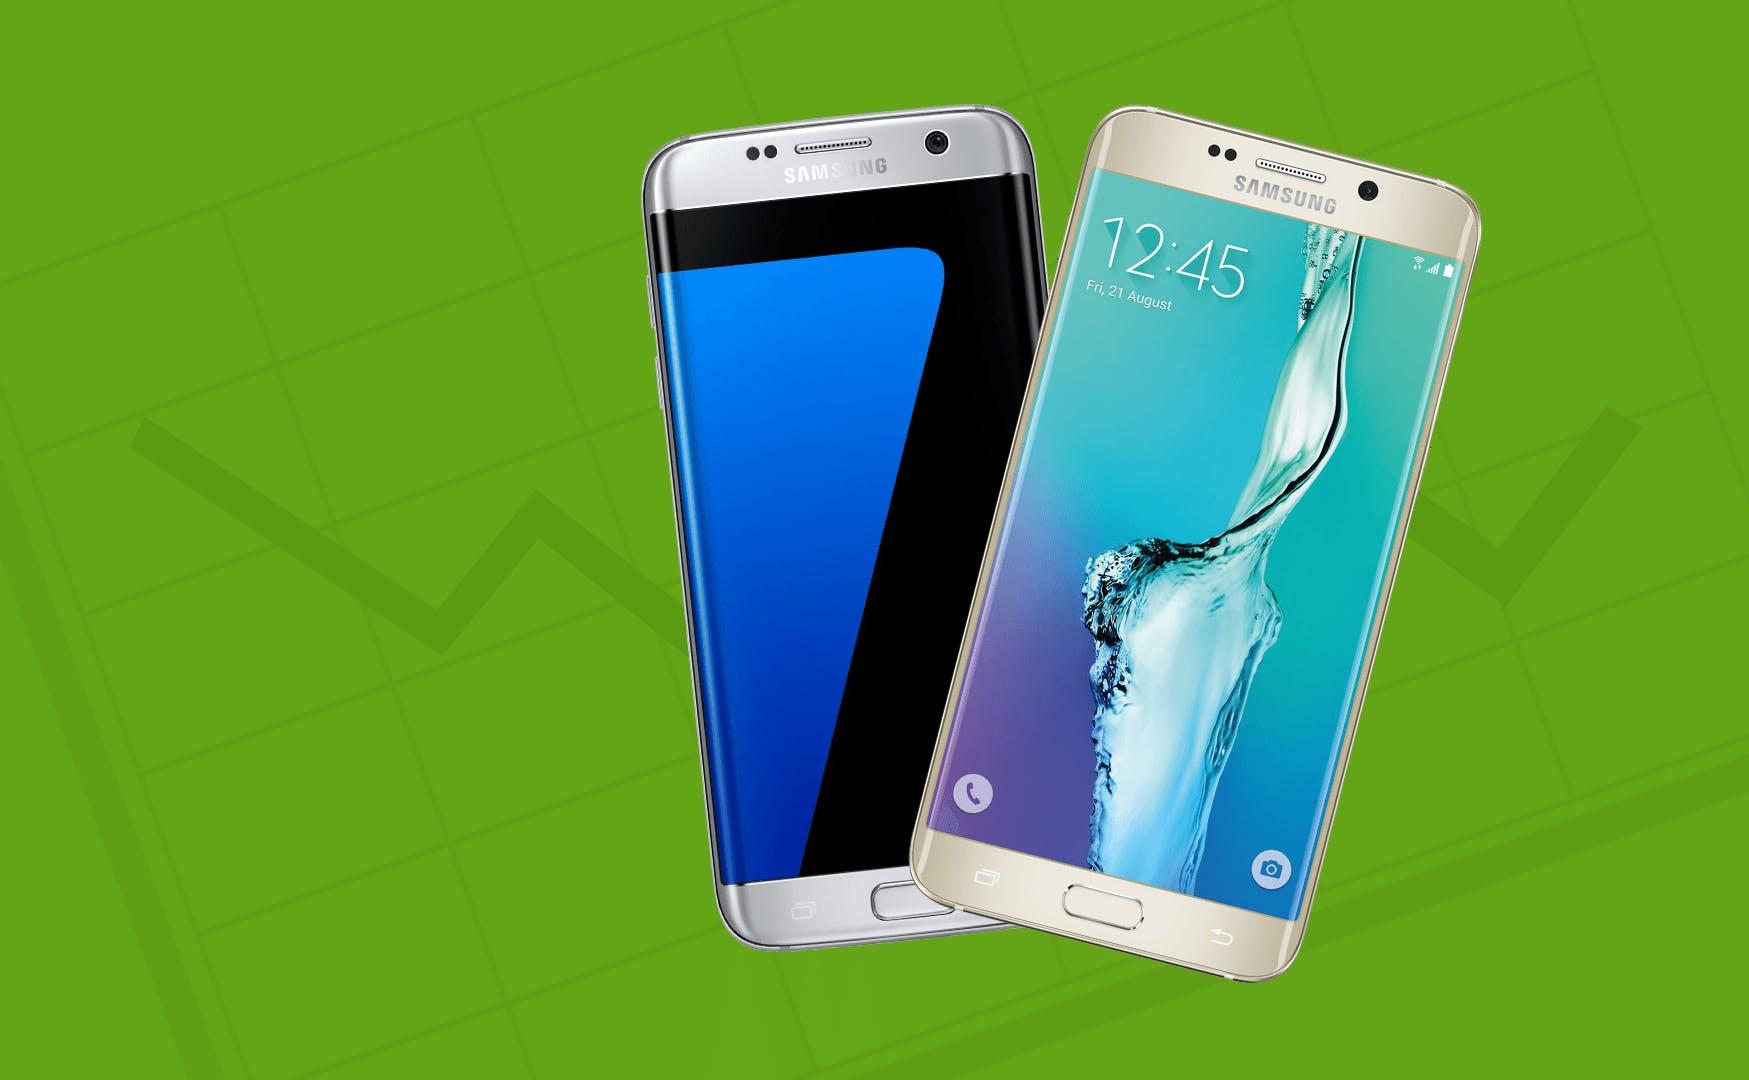 Samsung S7 Recycling Price Analysis